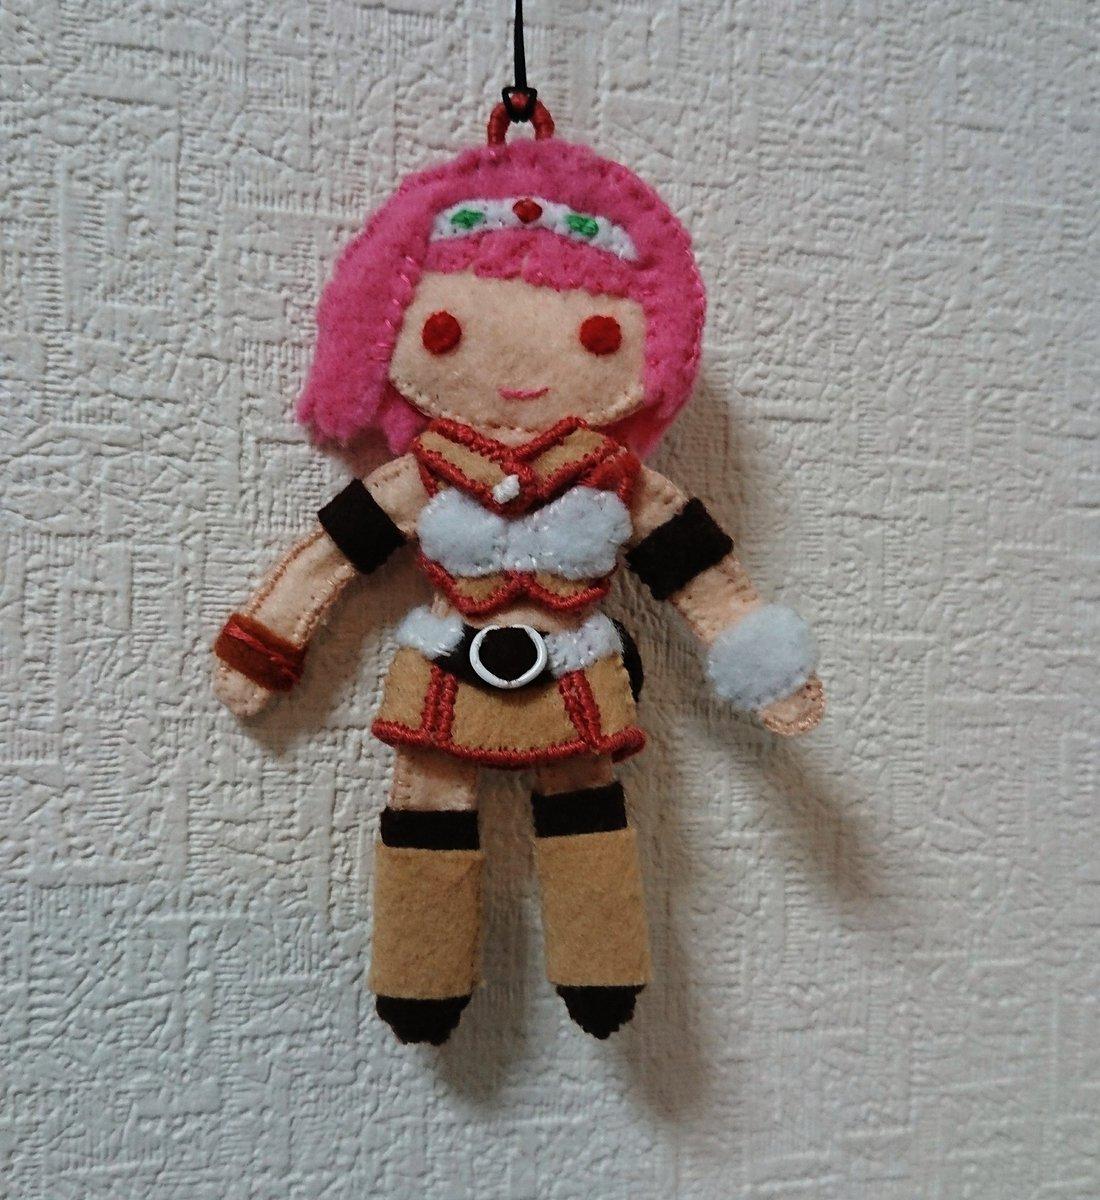 で、できた…!ニーナのぺたんこ人形。バハソウル熱を形にしたくてここしばらく夜なべしてました。いろいろ歪んでたり縫い足りな